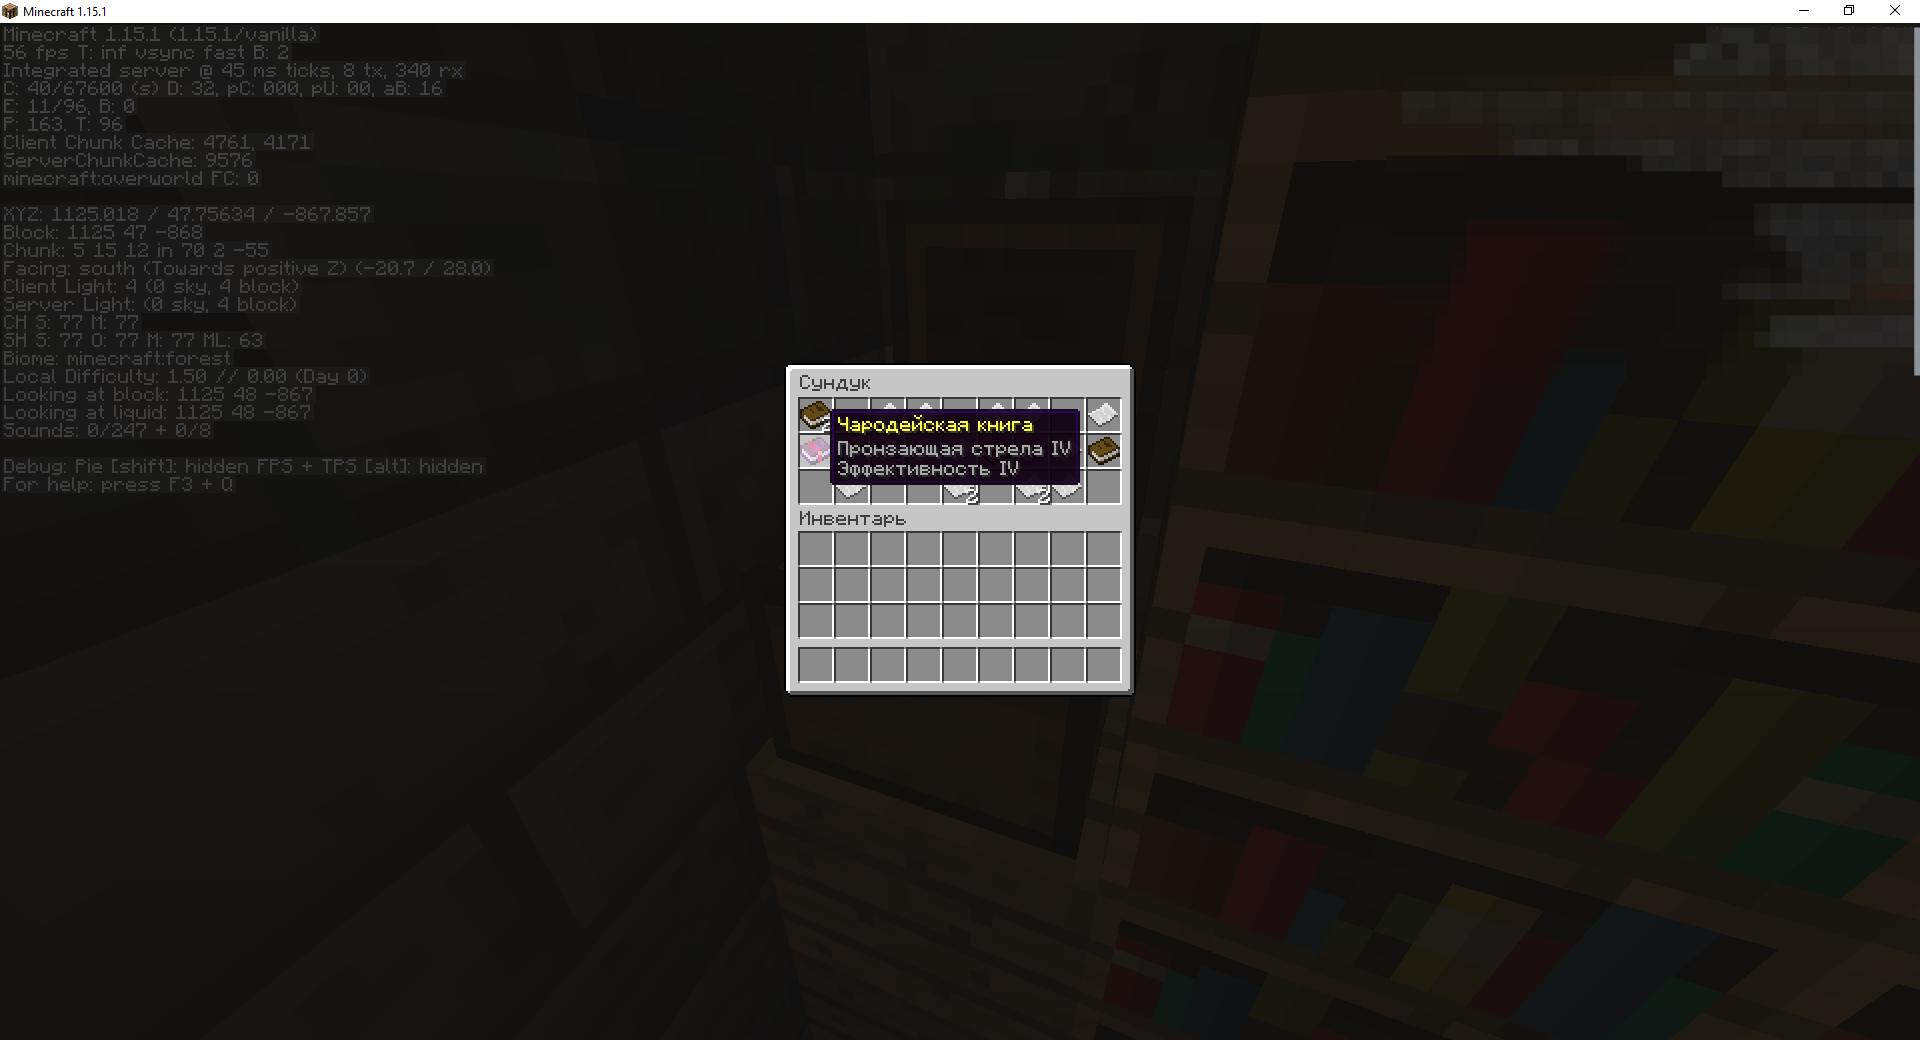 Сид «Подземная крепость и портал в край» - скриншот 8